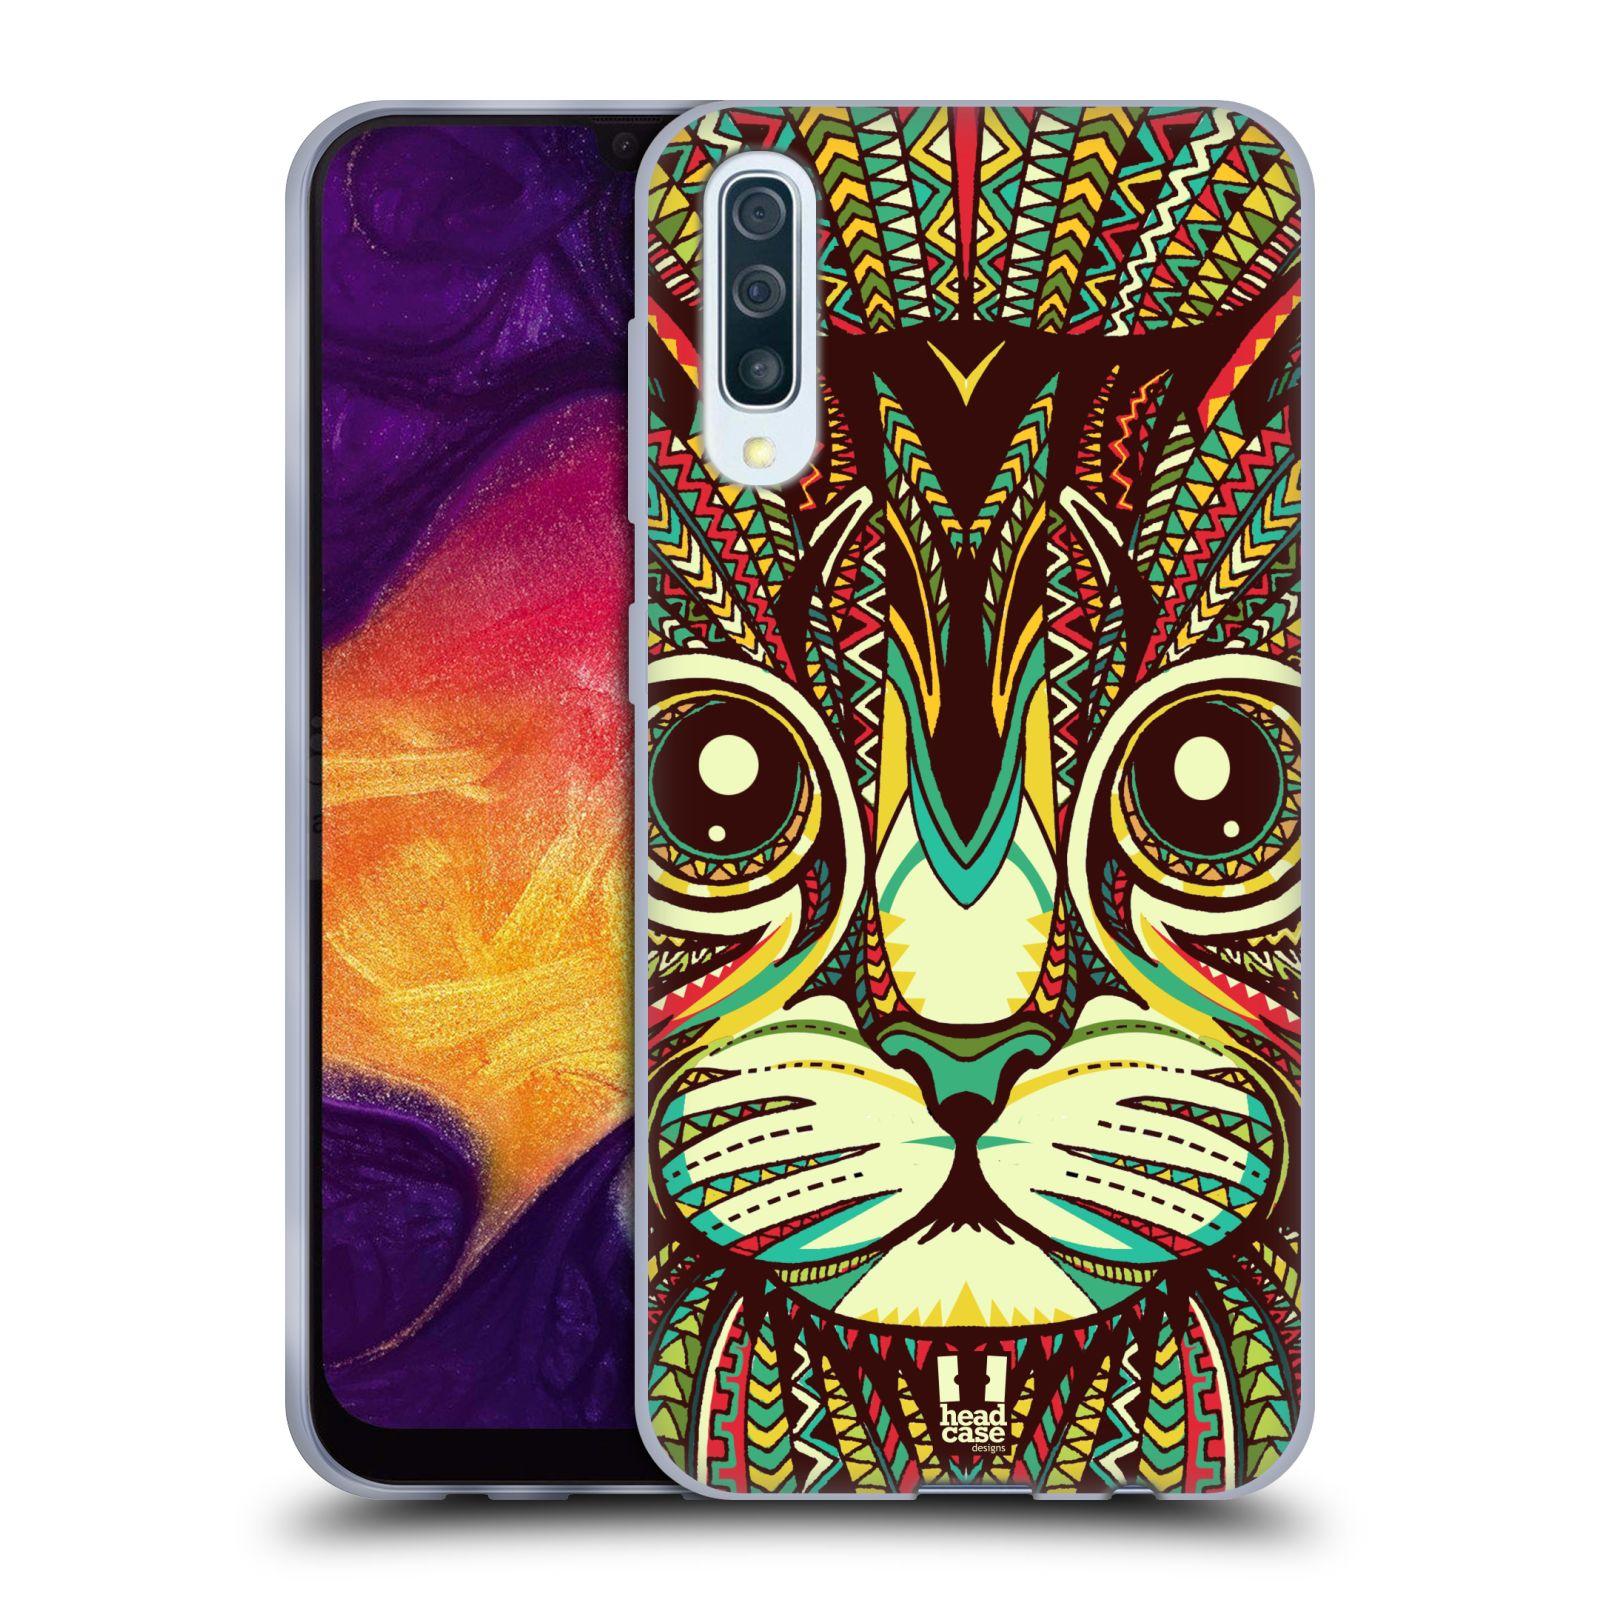 Silikonové pouzdro na mobil Samsung Galaxy A50 / A30s - Head Case - AZTEC KOČKA